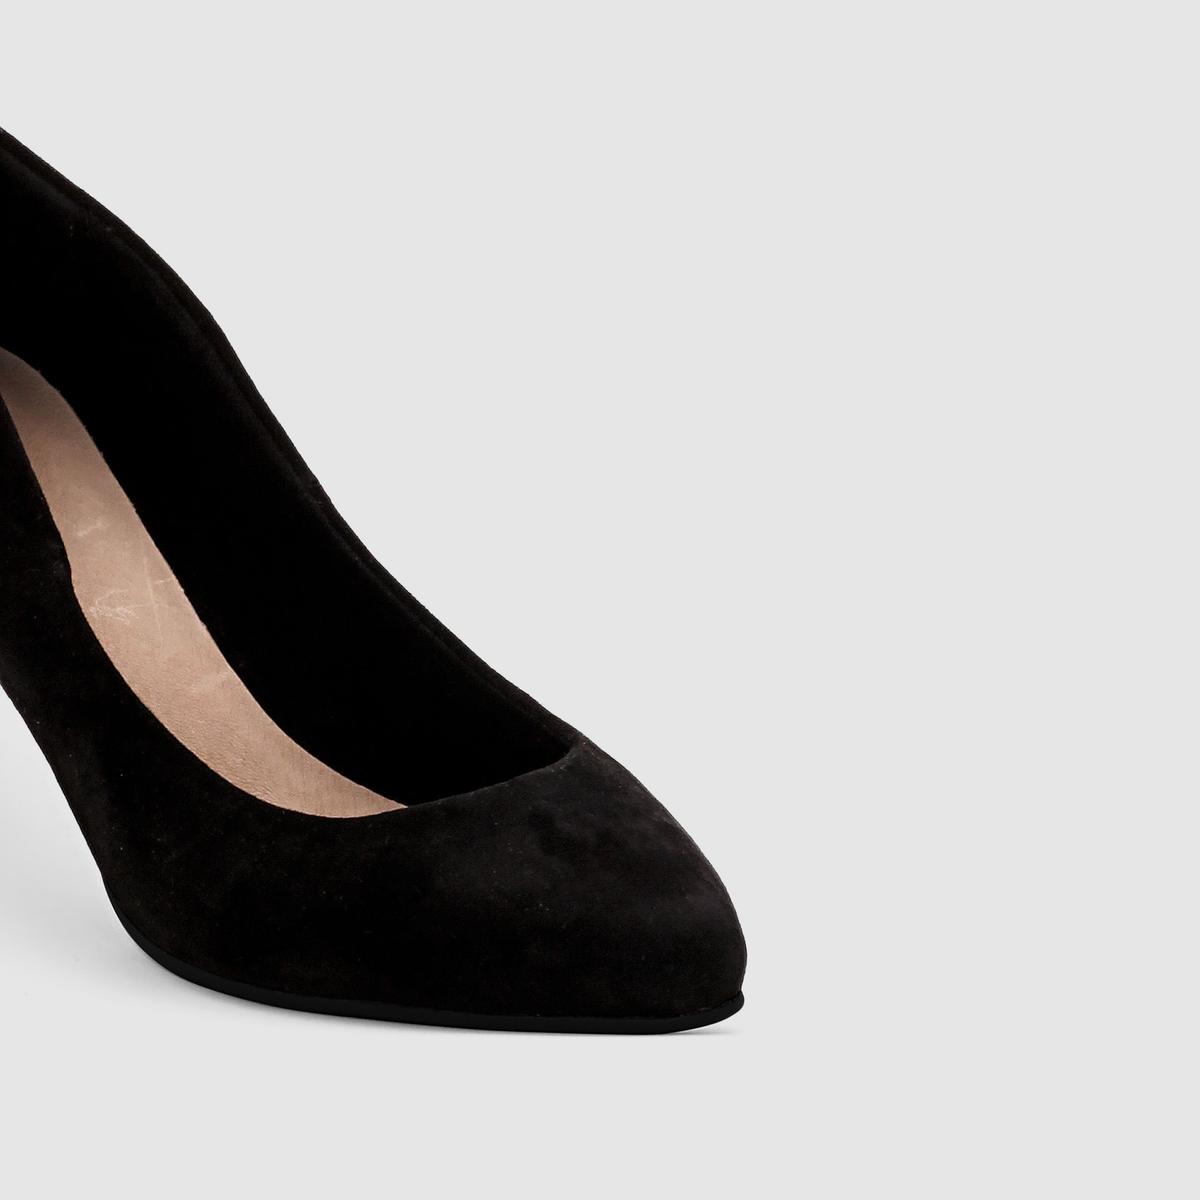 ТуфлиМарка : CASTALUNA.Модель подходит : для широкой ступни.Верх : искусственная замша.Подкладка : парусинаСтелька : кожа на пористой основе. Подошва : нескользящий эластомер.Высота каблука : 6  смПреимущества : красивые тонкие каблуки<br><br>Цвет: бежевый,синий,черный,черный/ черный<br>Размер: 39.40.41.40.42.43.45.42.44.38.40.42.45